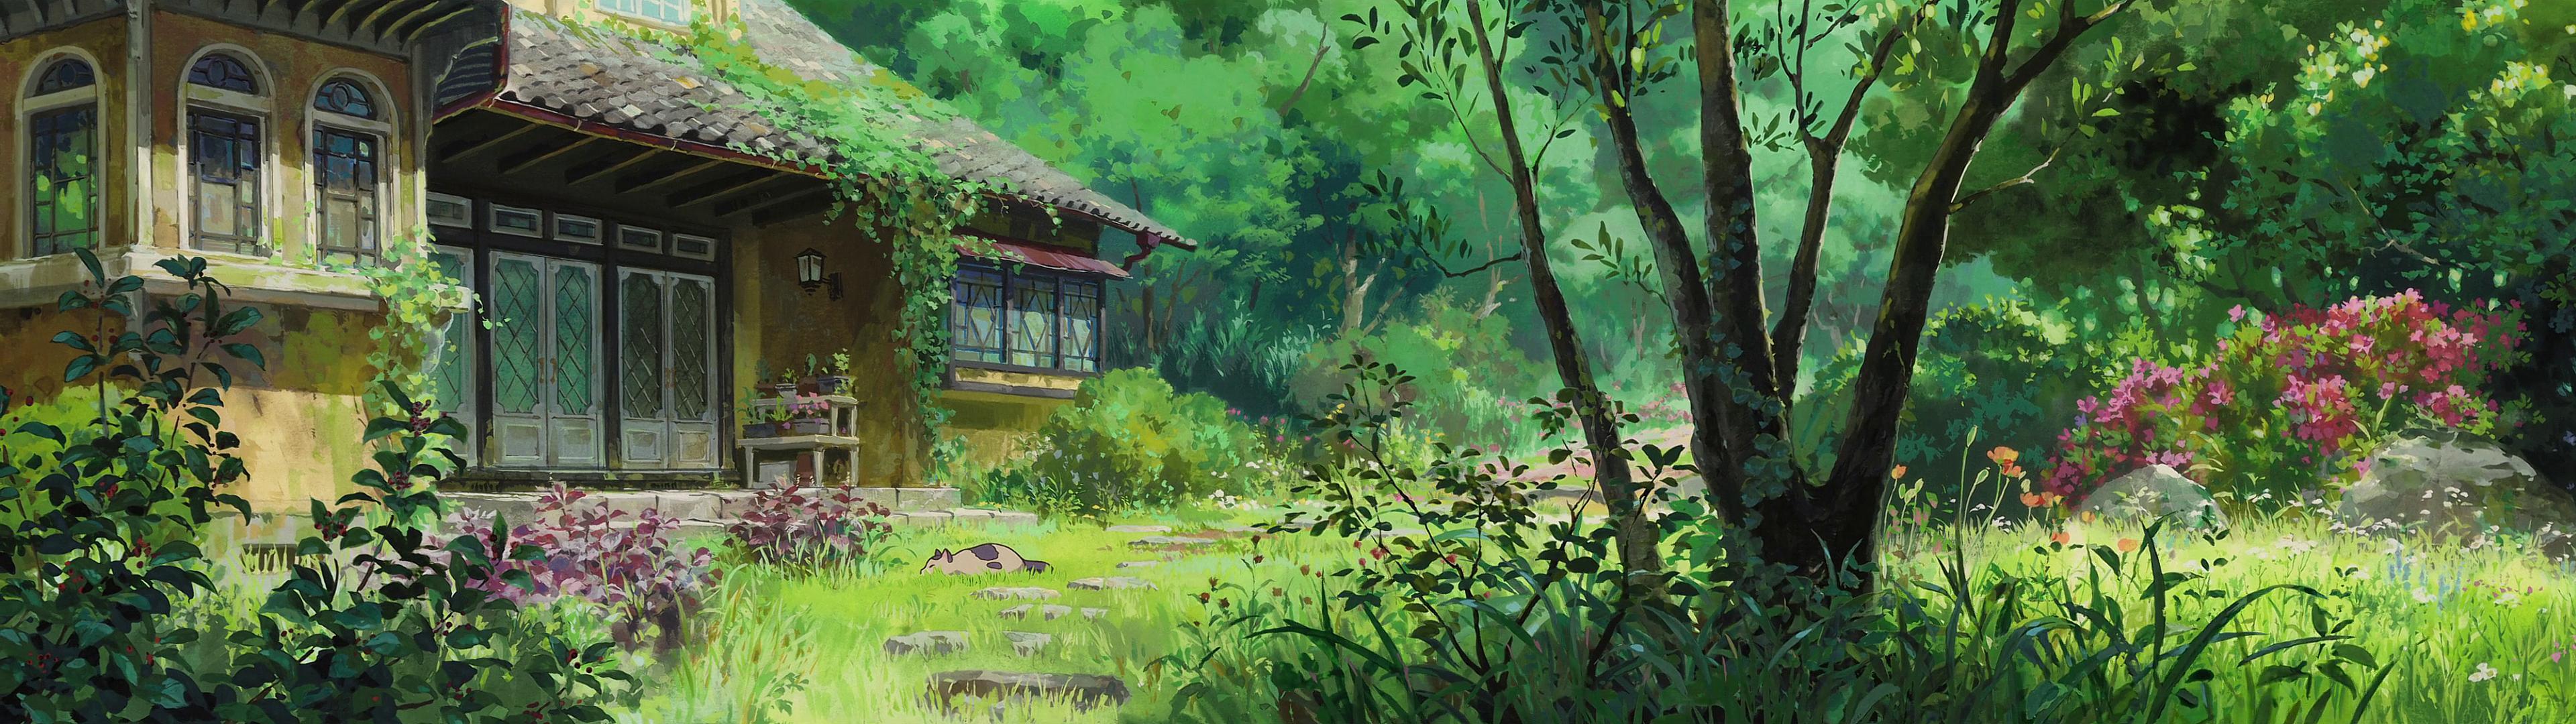 High res dual screen Studio Ghibli desktop wallpapers 3840x1080